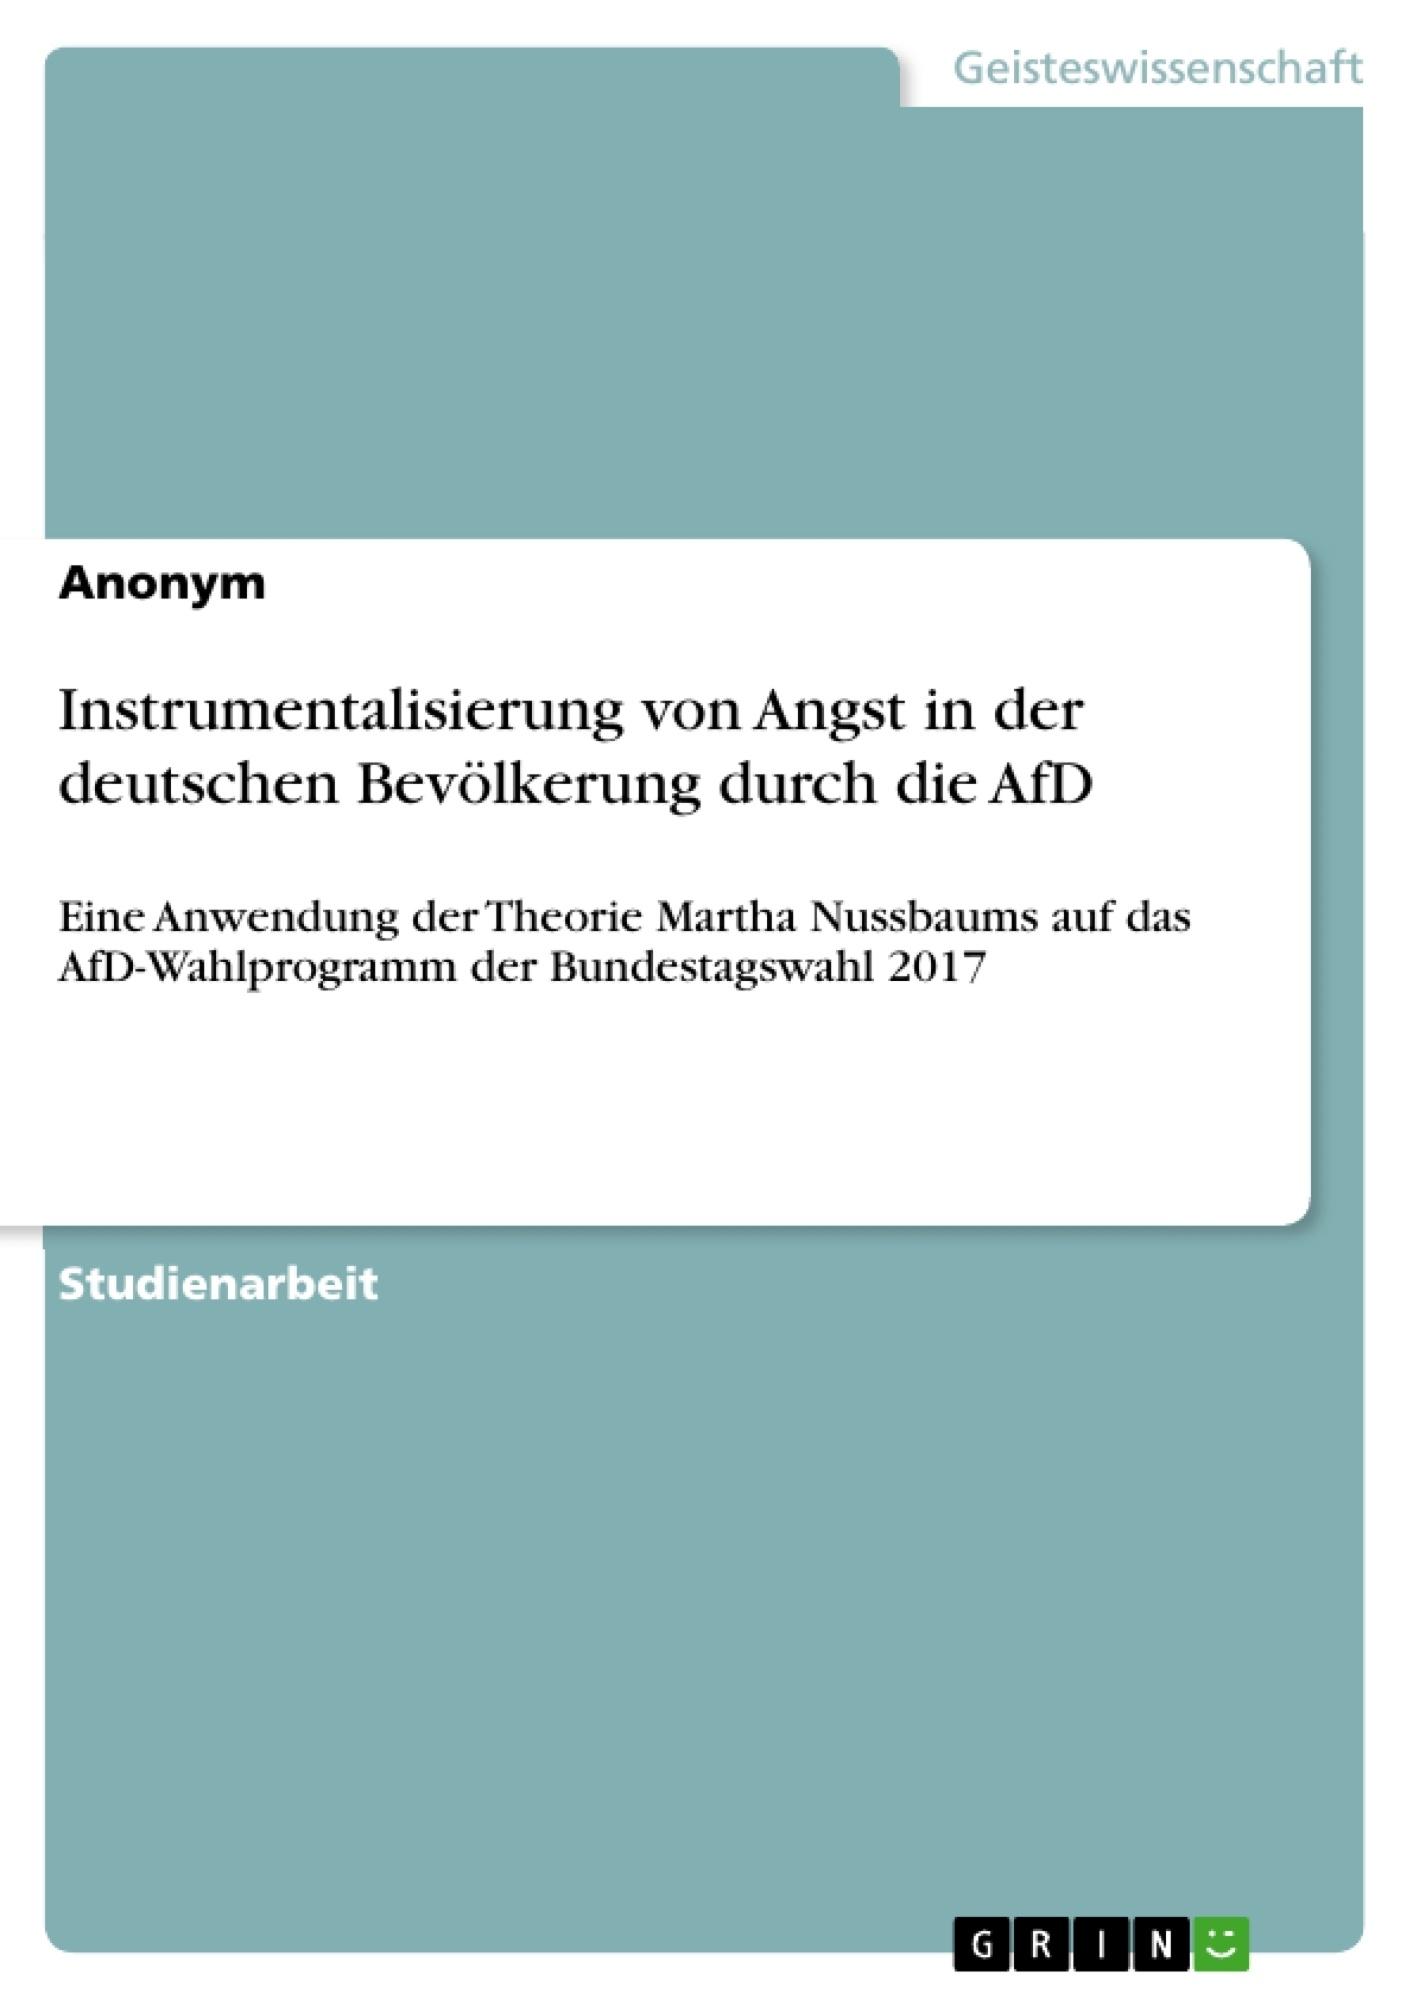 Titel: Instrumentalisierung von Angst in der deutschen Bevölkerung durch die AfD